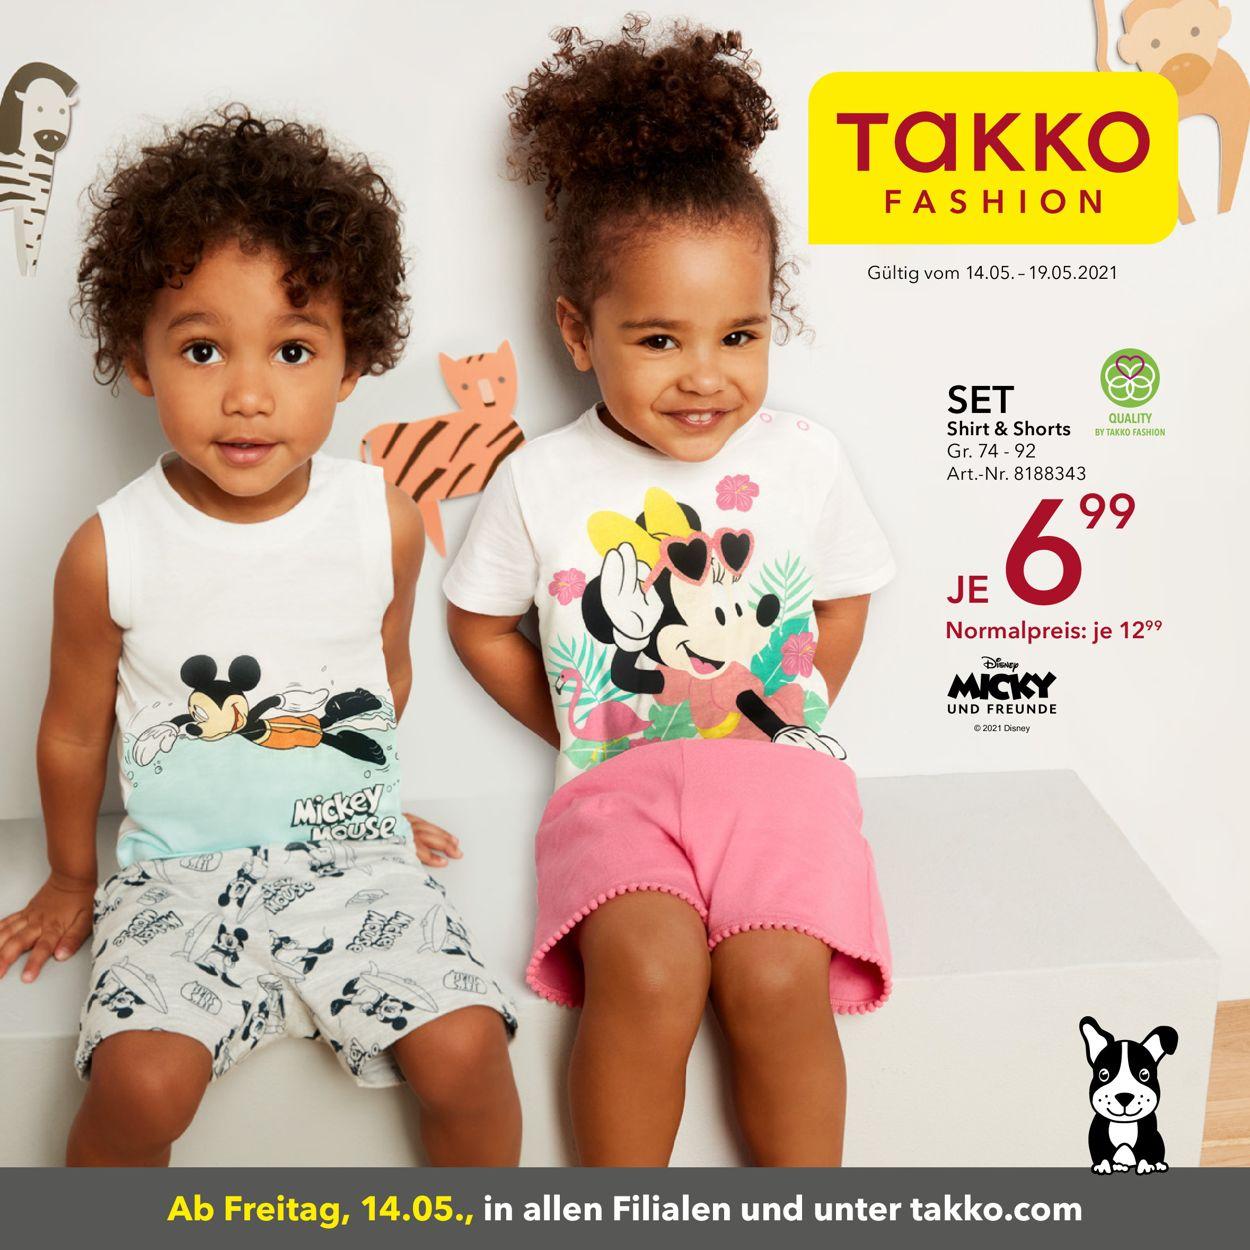 Takko Fashion Prospekt - Aktuell vom 14.05-19.05.2021